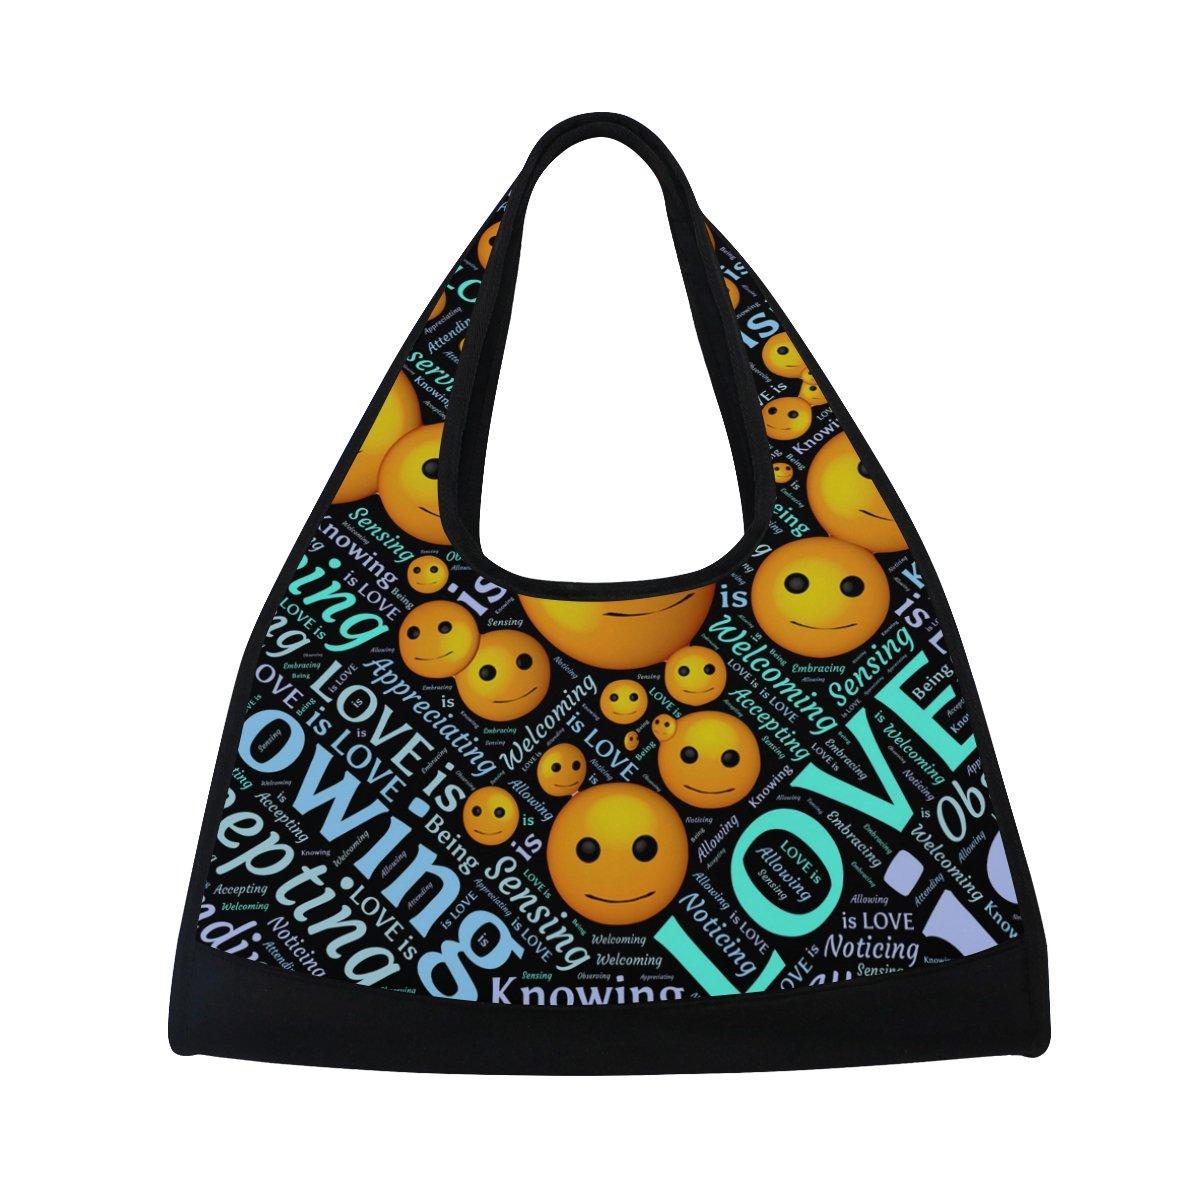 AHOMY Sports Gym Bag Emoticons Letter Duffel Bag Travel Shoulder Bag